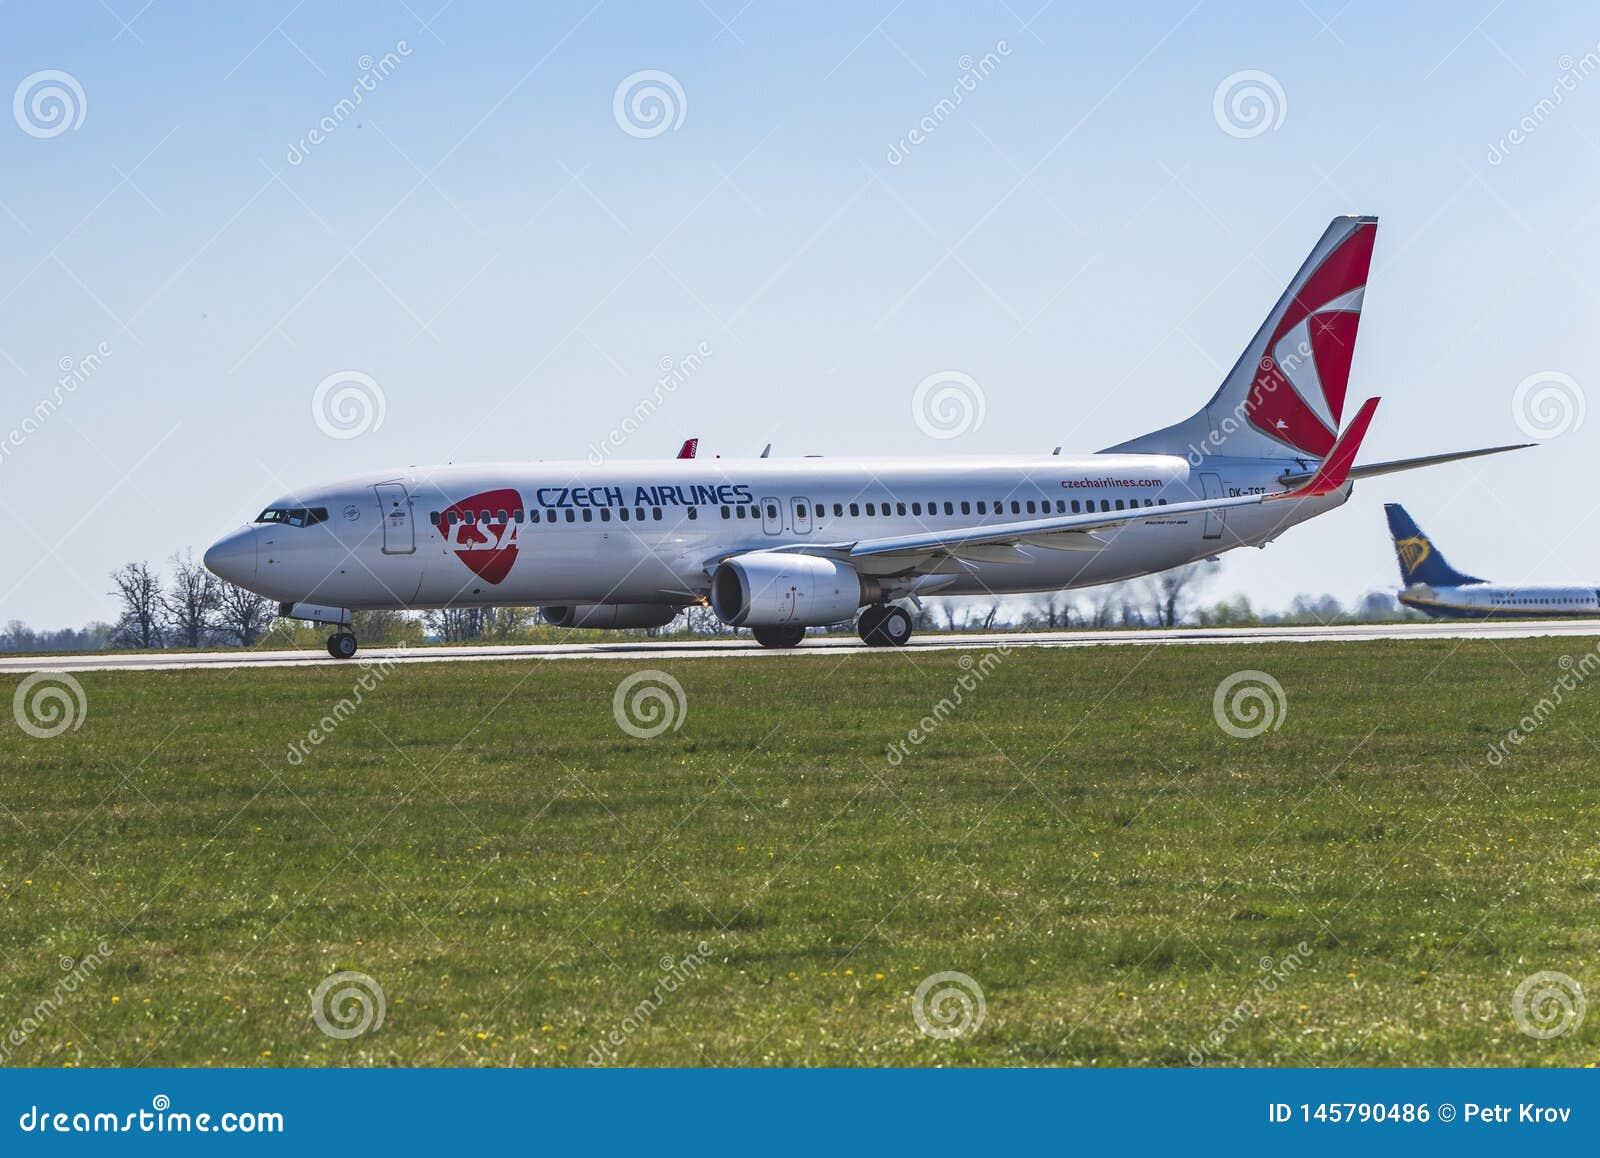 Flughafen Prag Ruzyne-LKPR, Boeing 737-800 ÄŒSA